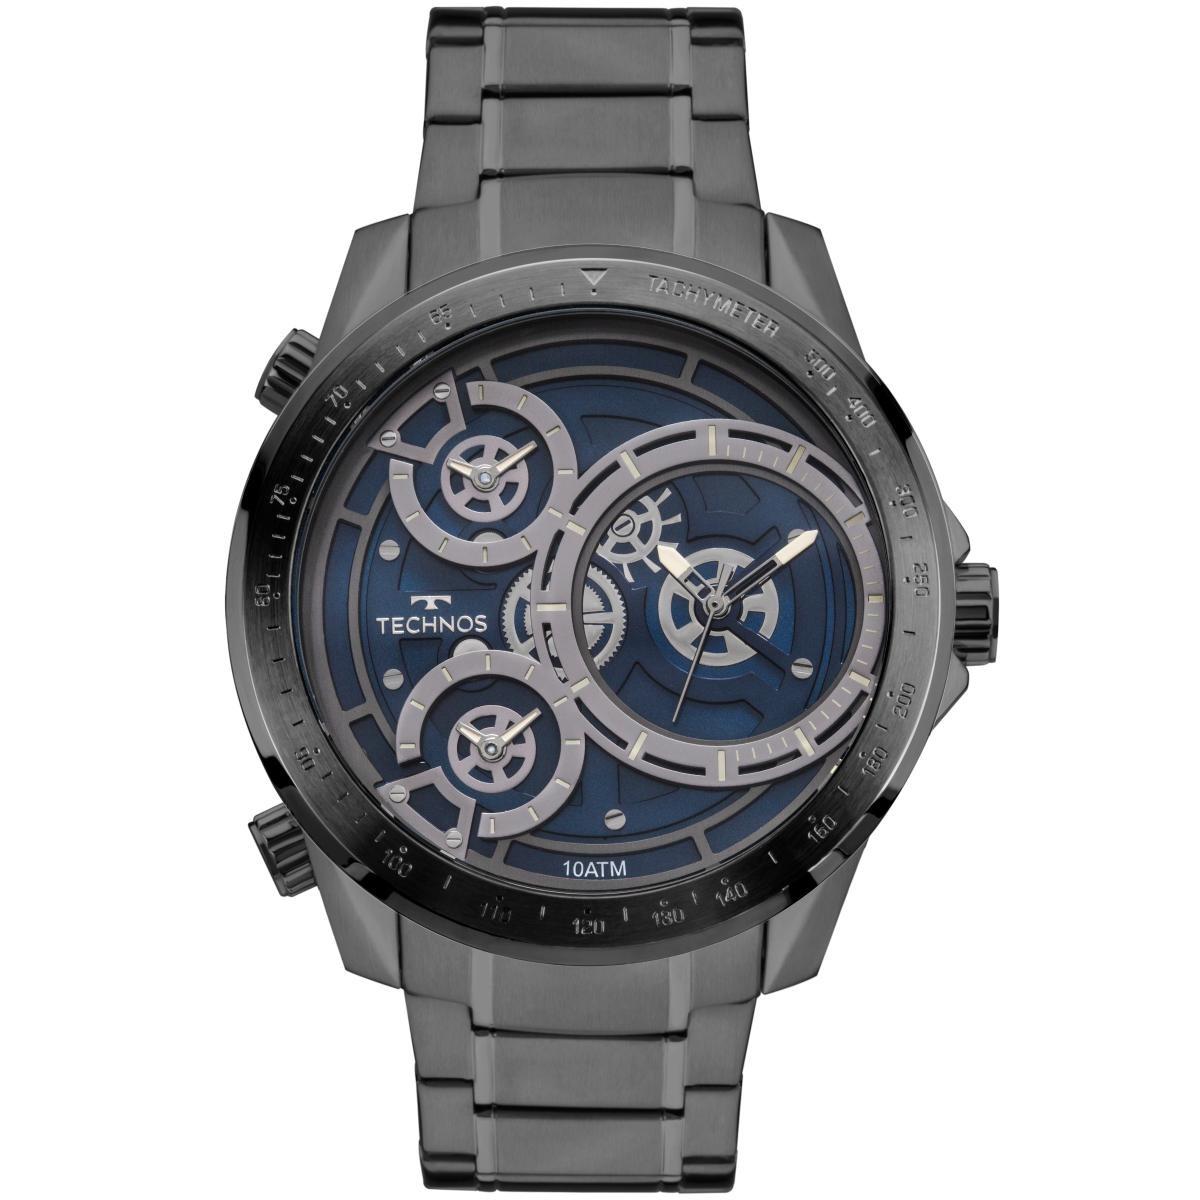 fbdd124f1c3 Relógio Masculino Technos Legacy 2035mlb 4a Aço Chumbo - R  483